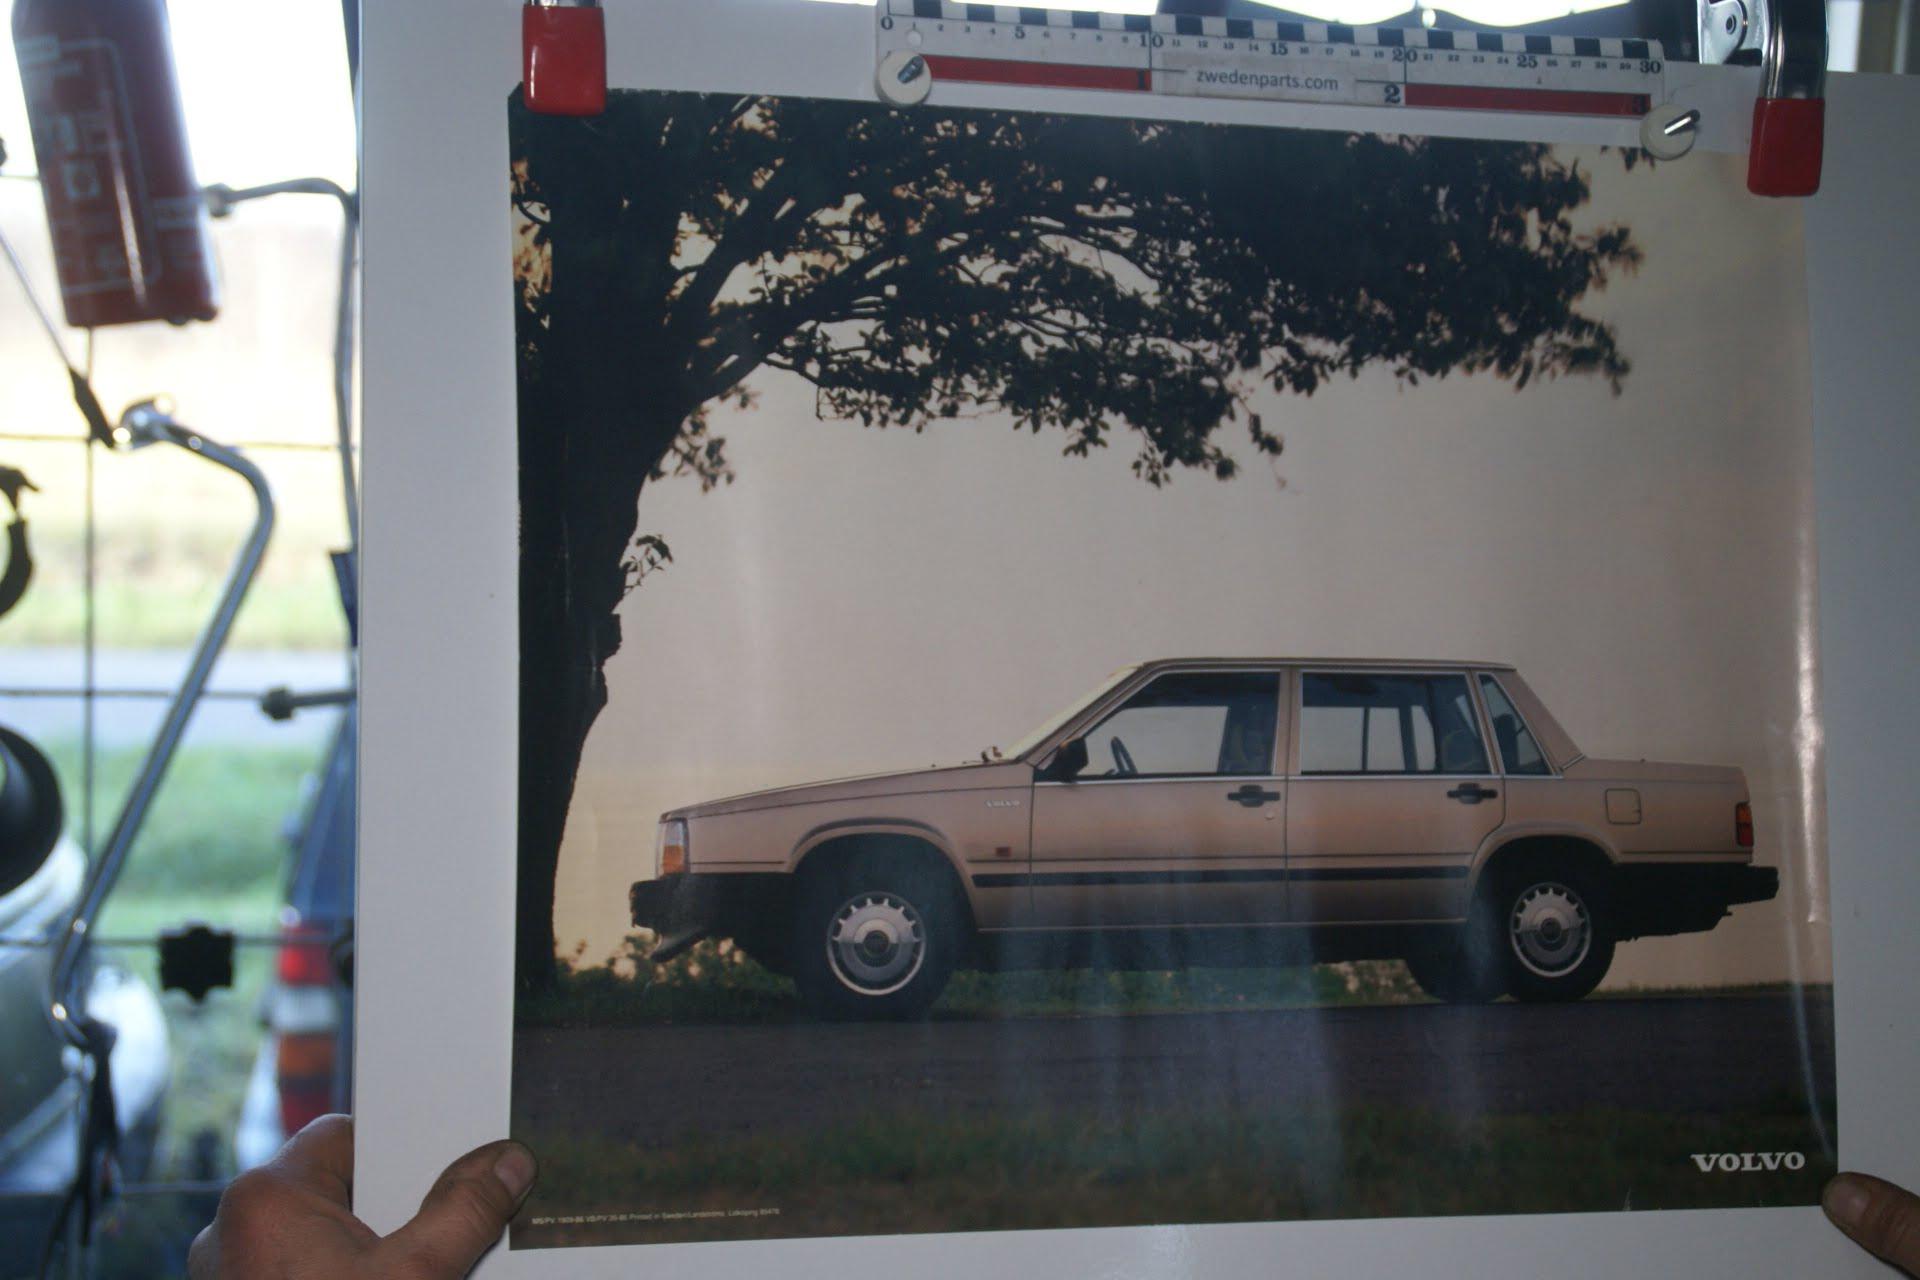 DSC02393 1986 Volvo 740 sedan poster MSPV 1909